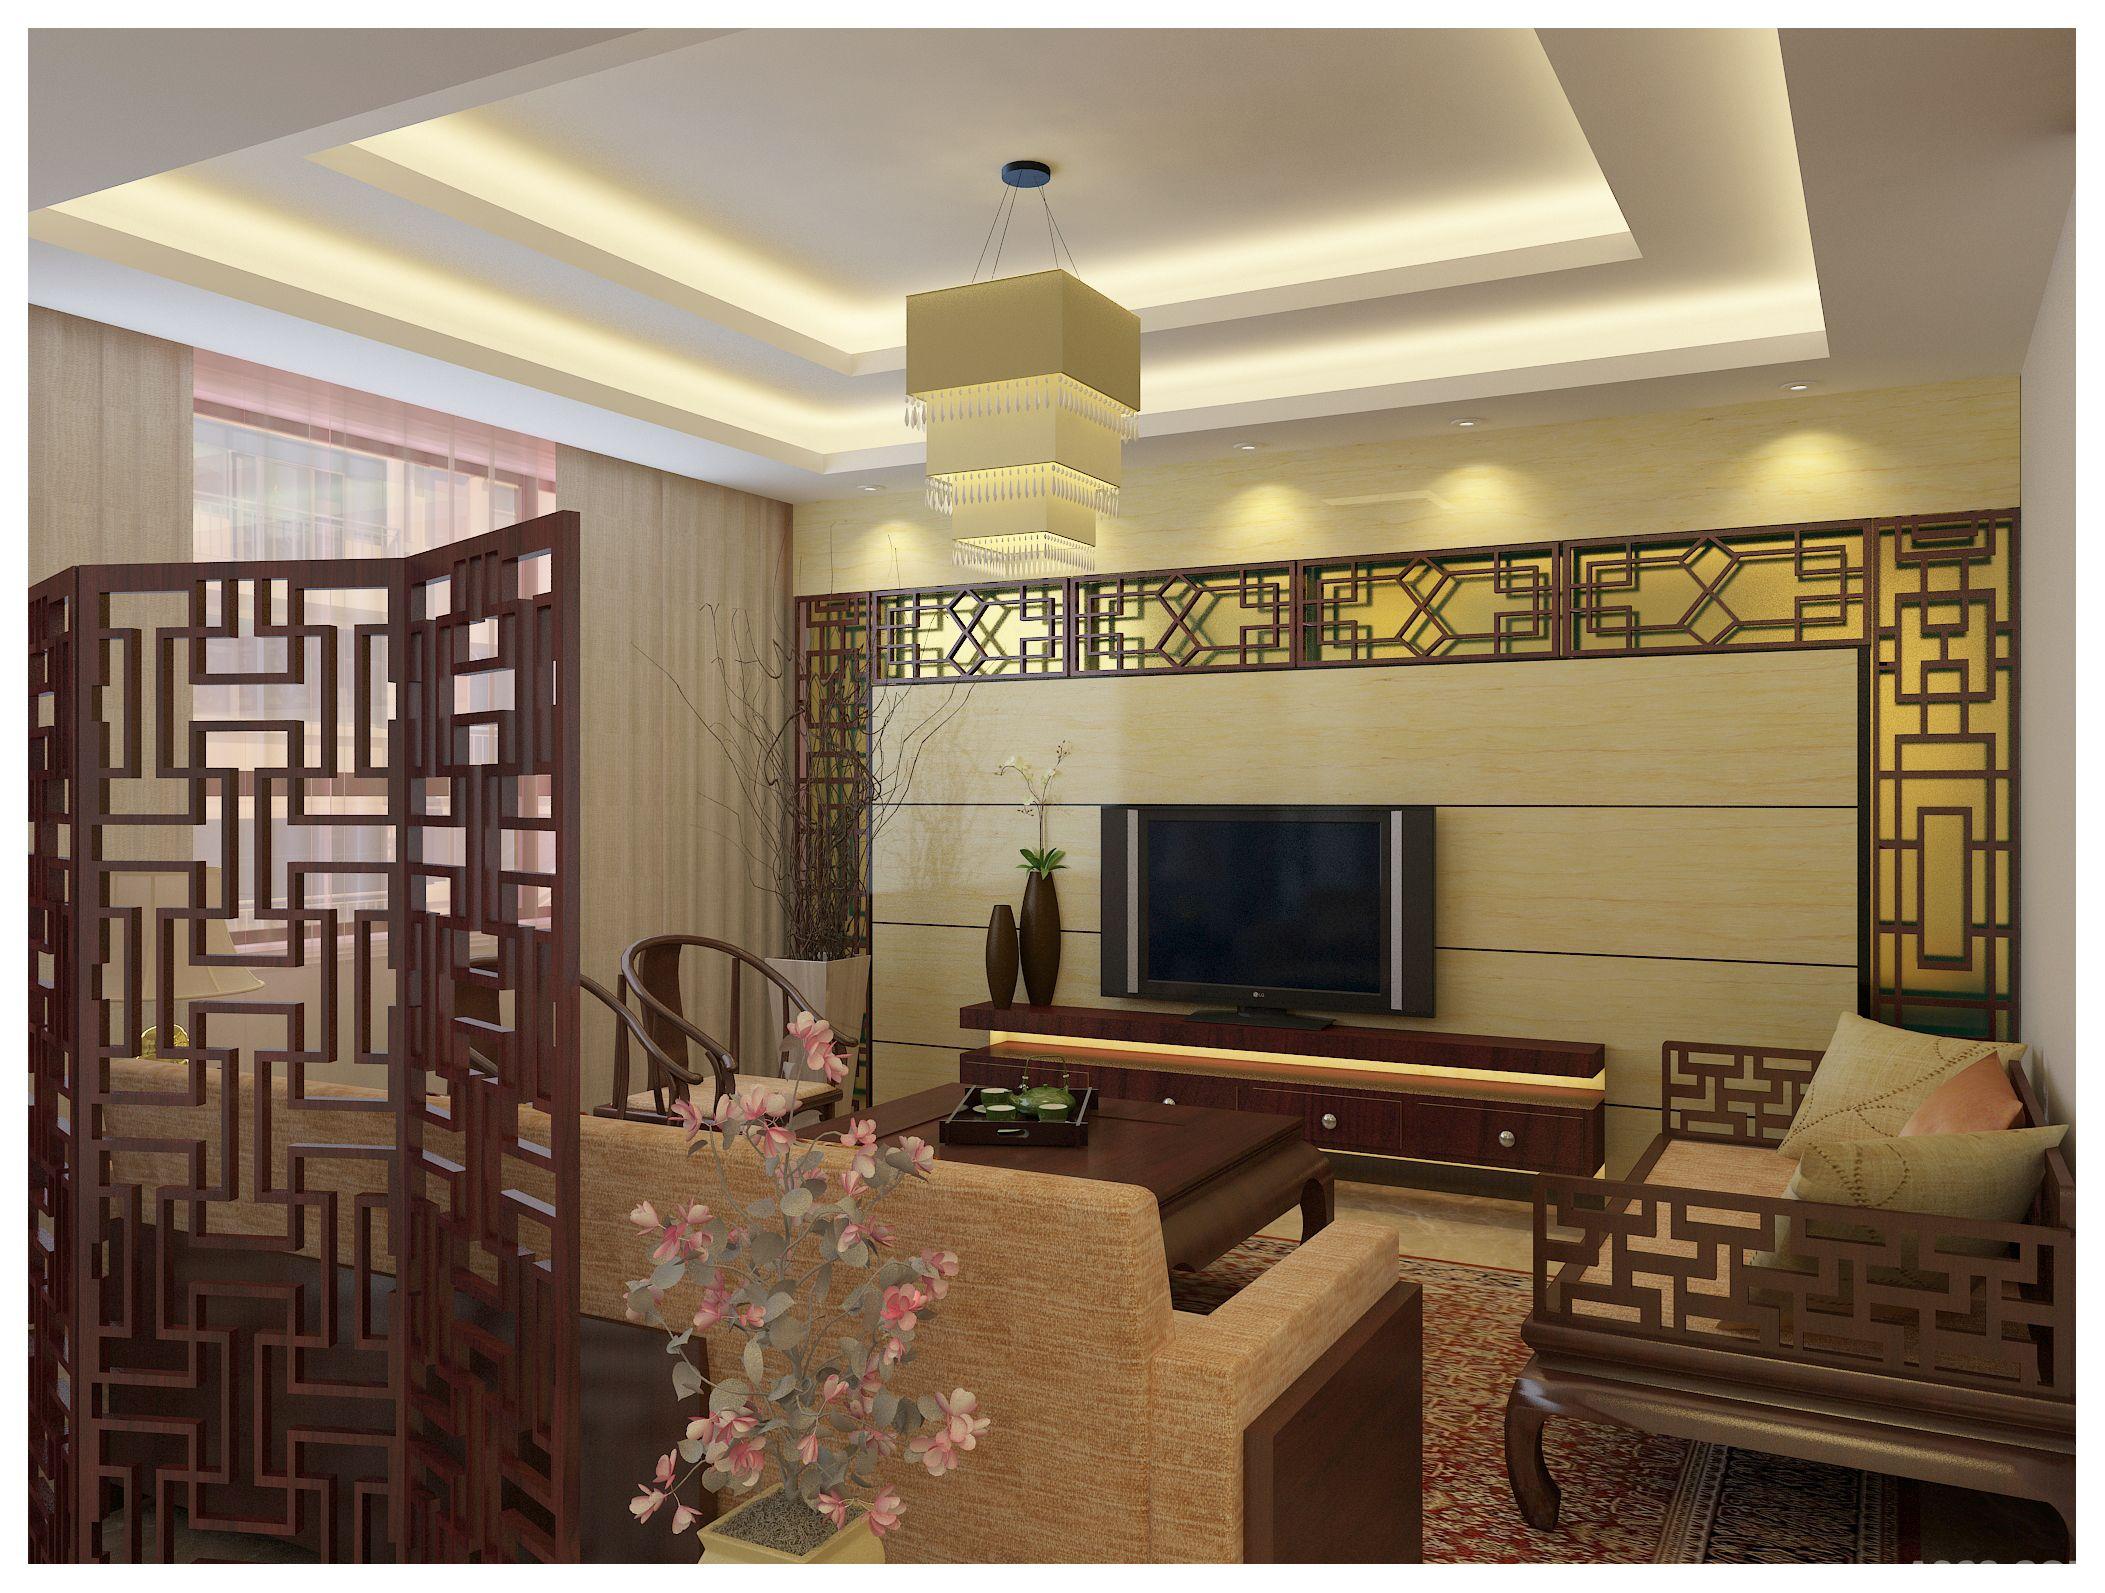 新中式室内设计说明_新中式室内设计